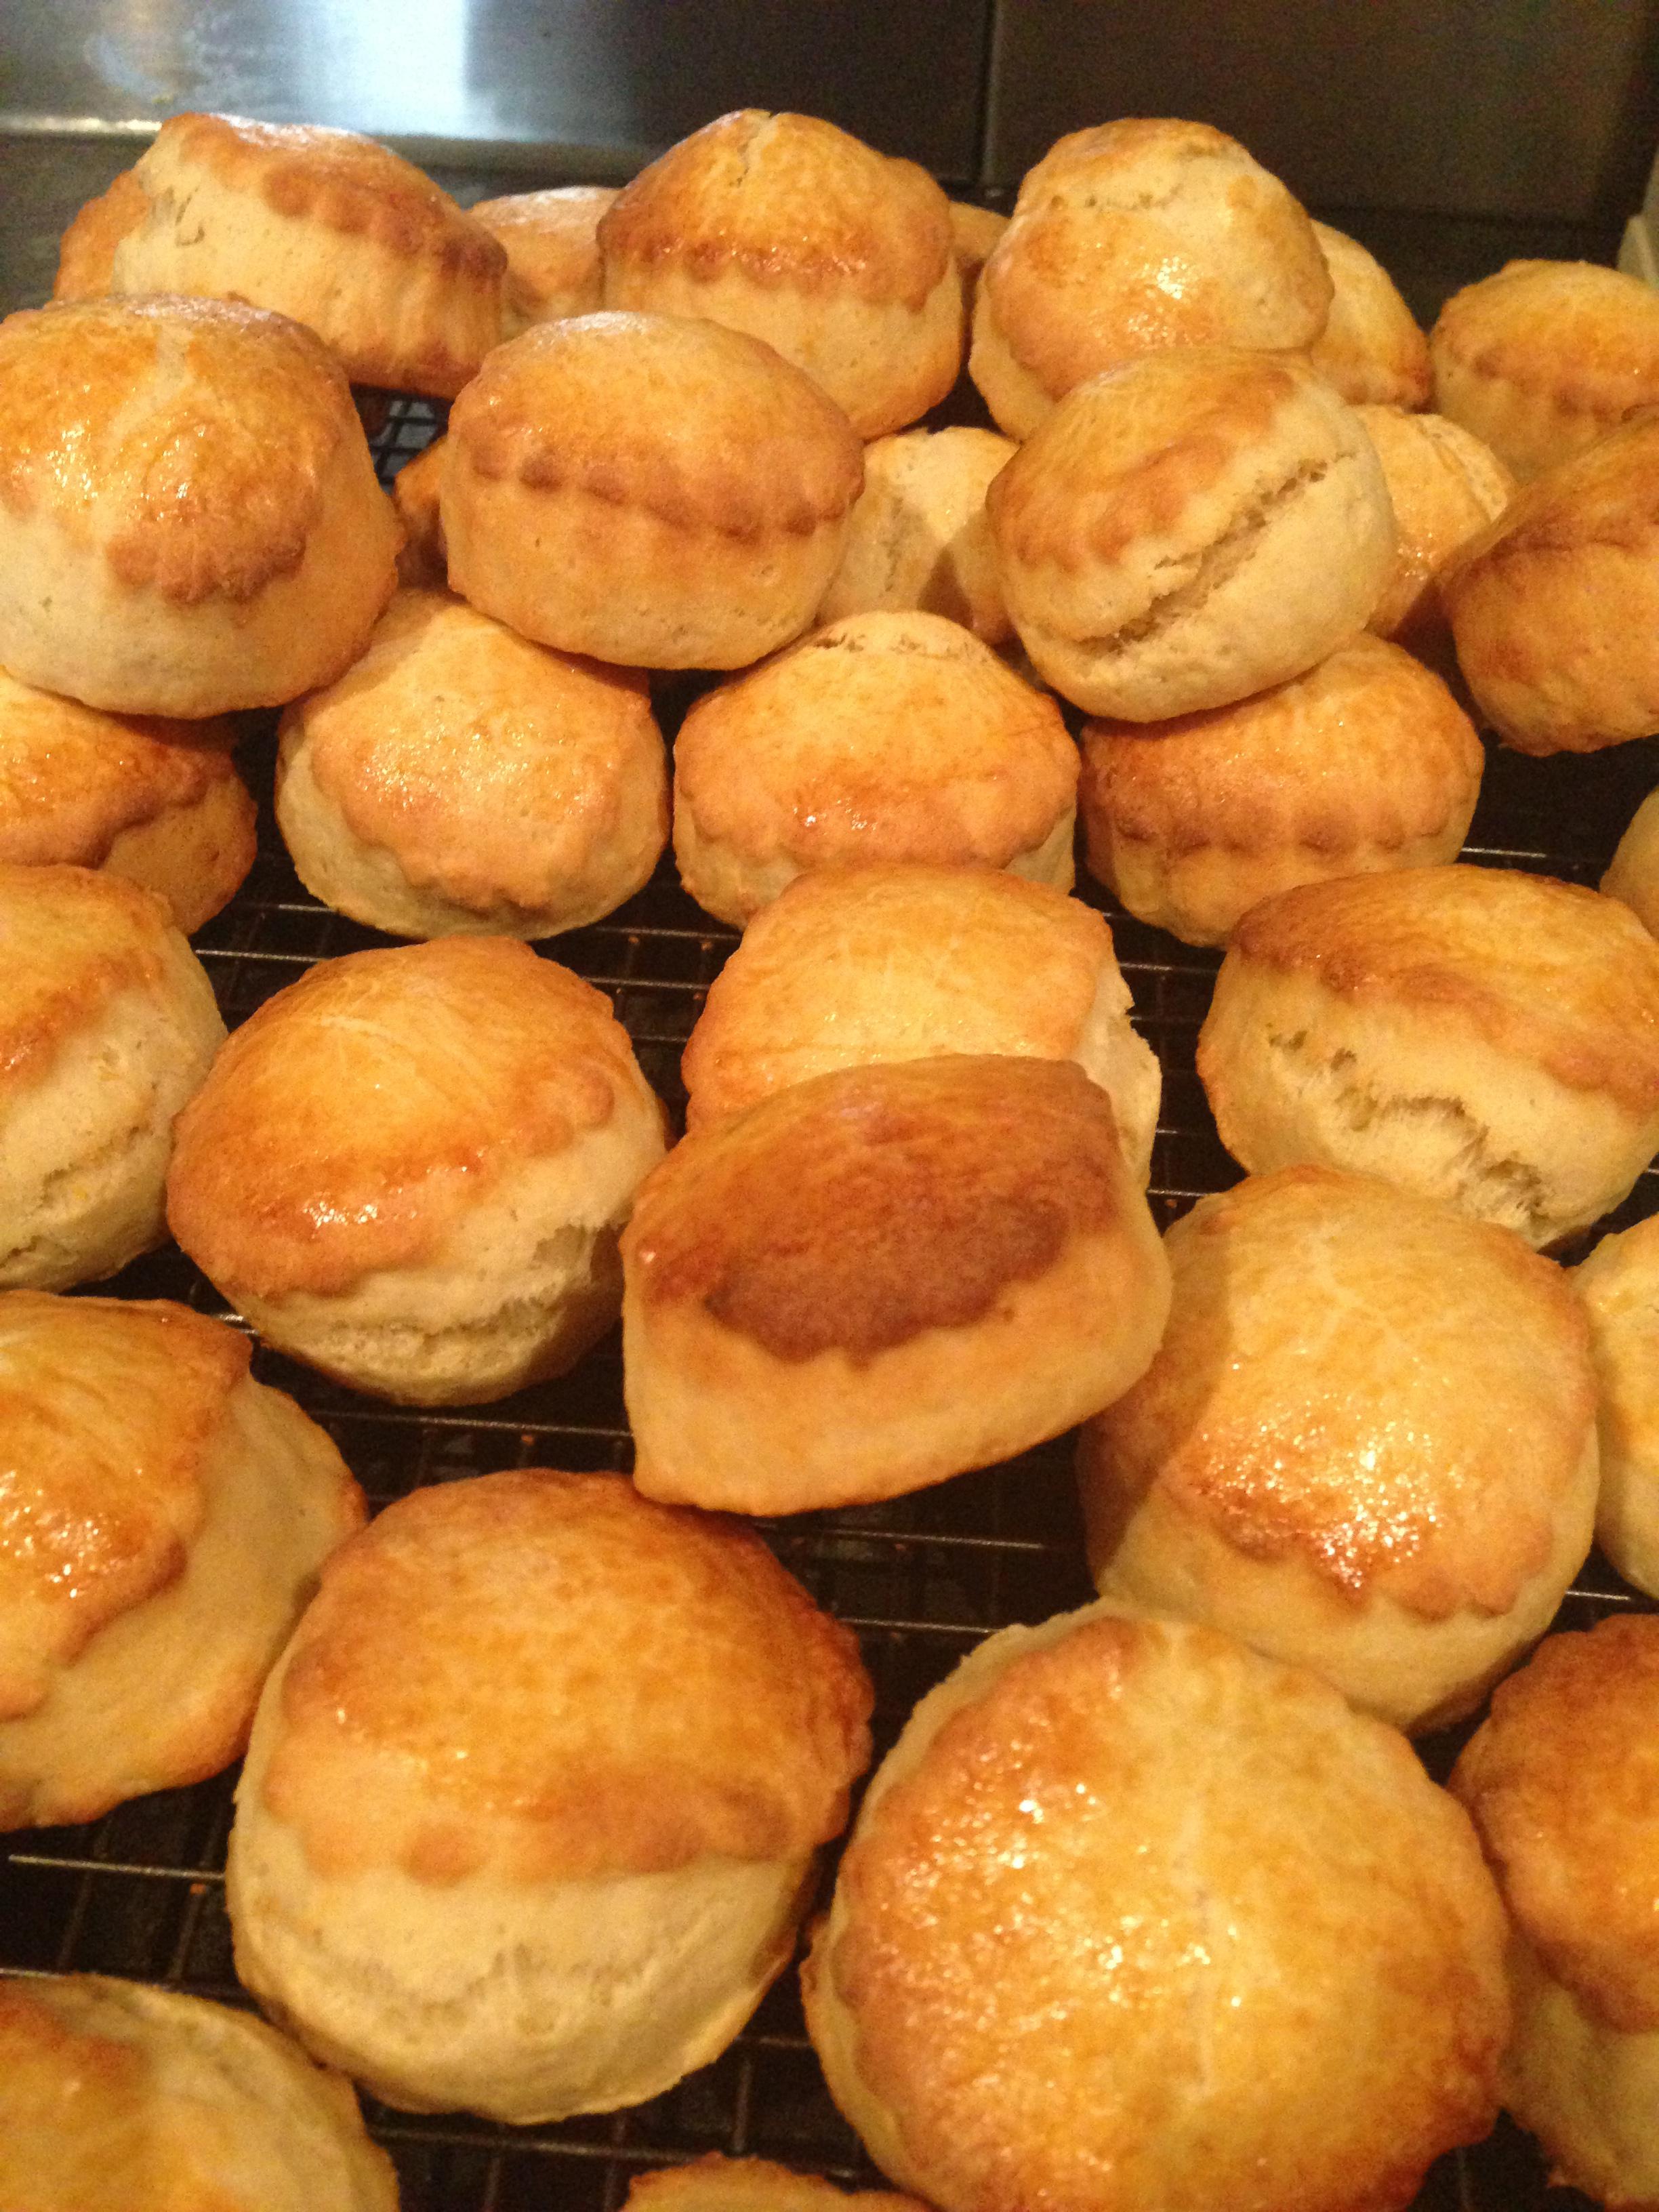 Homemade lemon scones